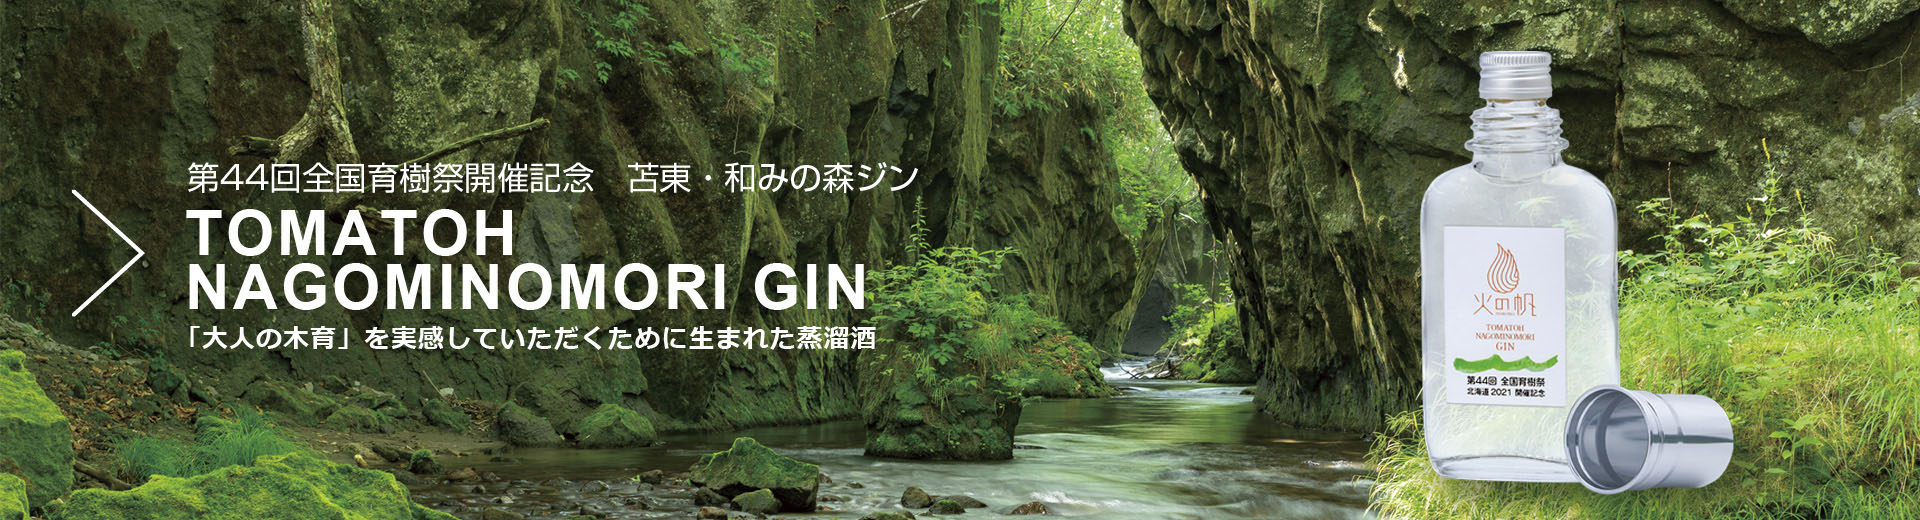 第44回全国育樹祭開催記念ジン(苫東・和みの森ジン)「TOMATOH NAGOMINOMORI」100ml